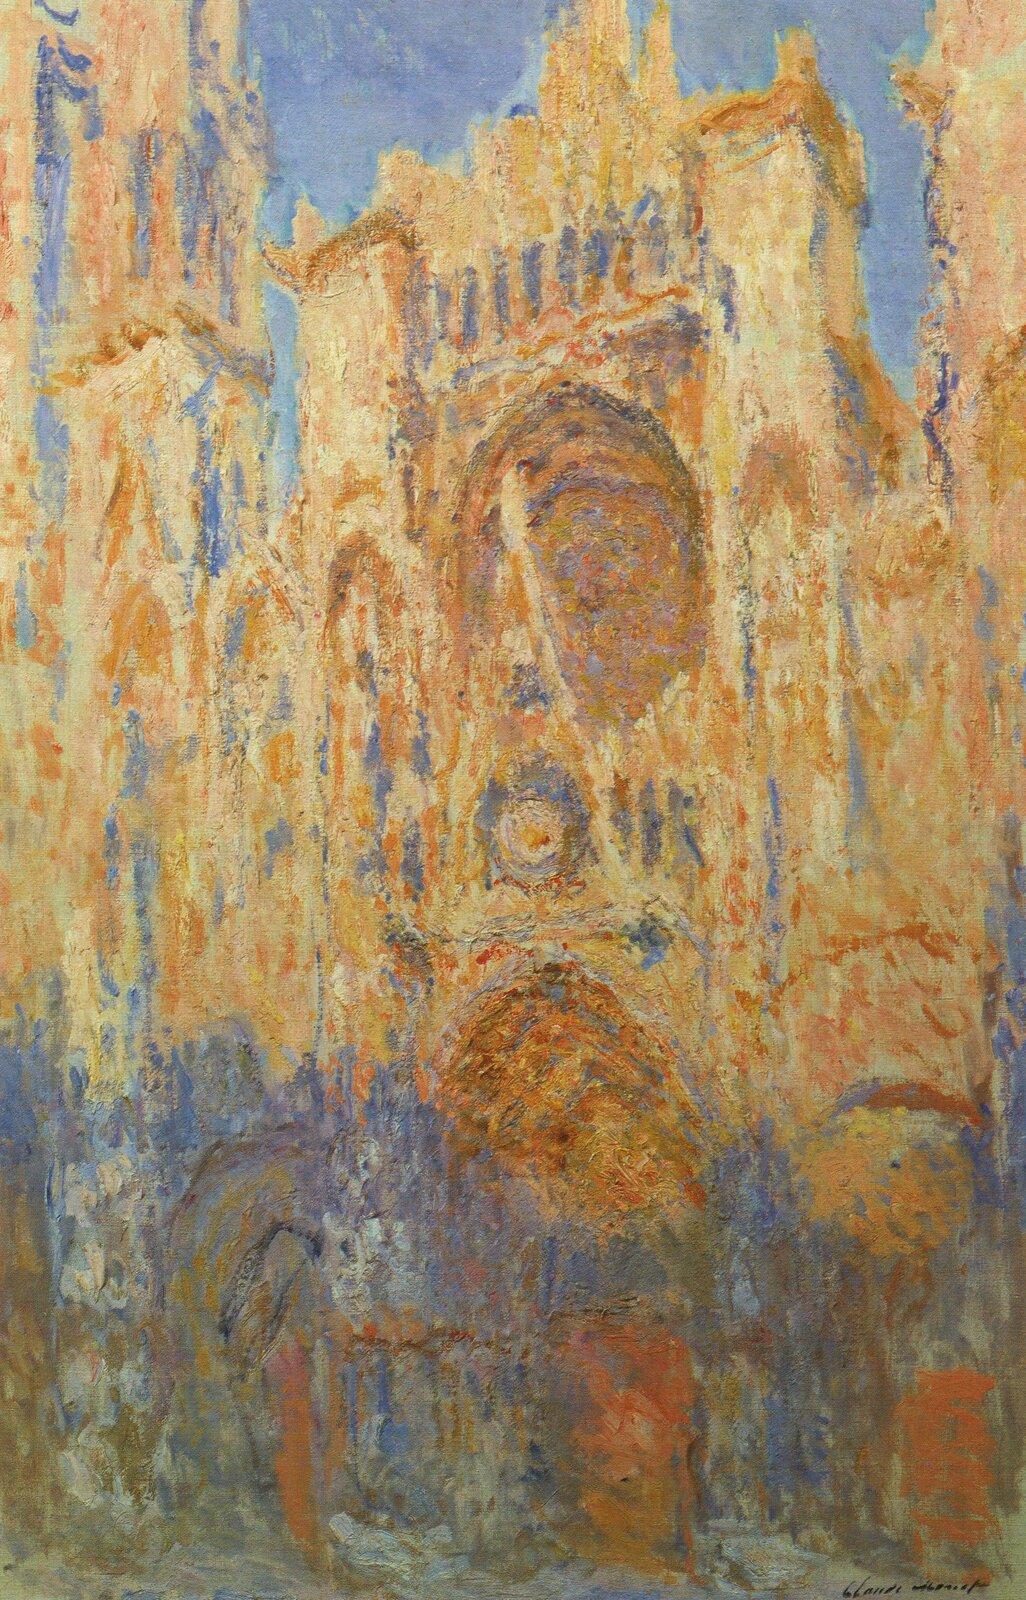 """Ilustracja przedstawia obraz olejny """"Katedra wRouen"""" autorstwa Clauda Moneta. Dzieło ukazuje fasadę katedry Notre-Dame wRouen. Płótno namalowane jest przy pomocą techniki puentylistycznej: drobnymi plamkami czystego koloru artysta stworzył iluzję światła iprzestrzeni. Światło, wyraźną granicą chłodnego iciepłego koloru dzieli fasadę na dwie części. Dolna partia budowli tonie wchłodnych błękitach, fioletach izieleniach drgającego cienia. Górna, szersza część wibruje od żółto-oranżowego światła rysującego drobno rzeźbione elementy architektury. Chłodne, kobaltowo-błękitne niebo zamyka górną część kompozycji. Praca wykonana została wszerokiej gamie barw: począwszy od chłodnych granatów, poprzez fiolety izielenie aż do gorących żółci, pomarańczy iczerwieni. Dzieło jest jednym z20 namalowanych przez Moneta obrazów przedstawiających fasadę katedry Notre Dame."""